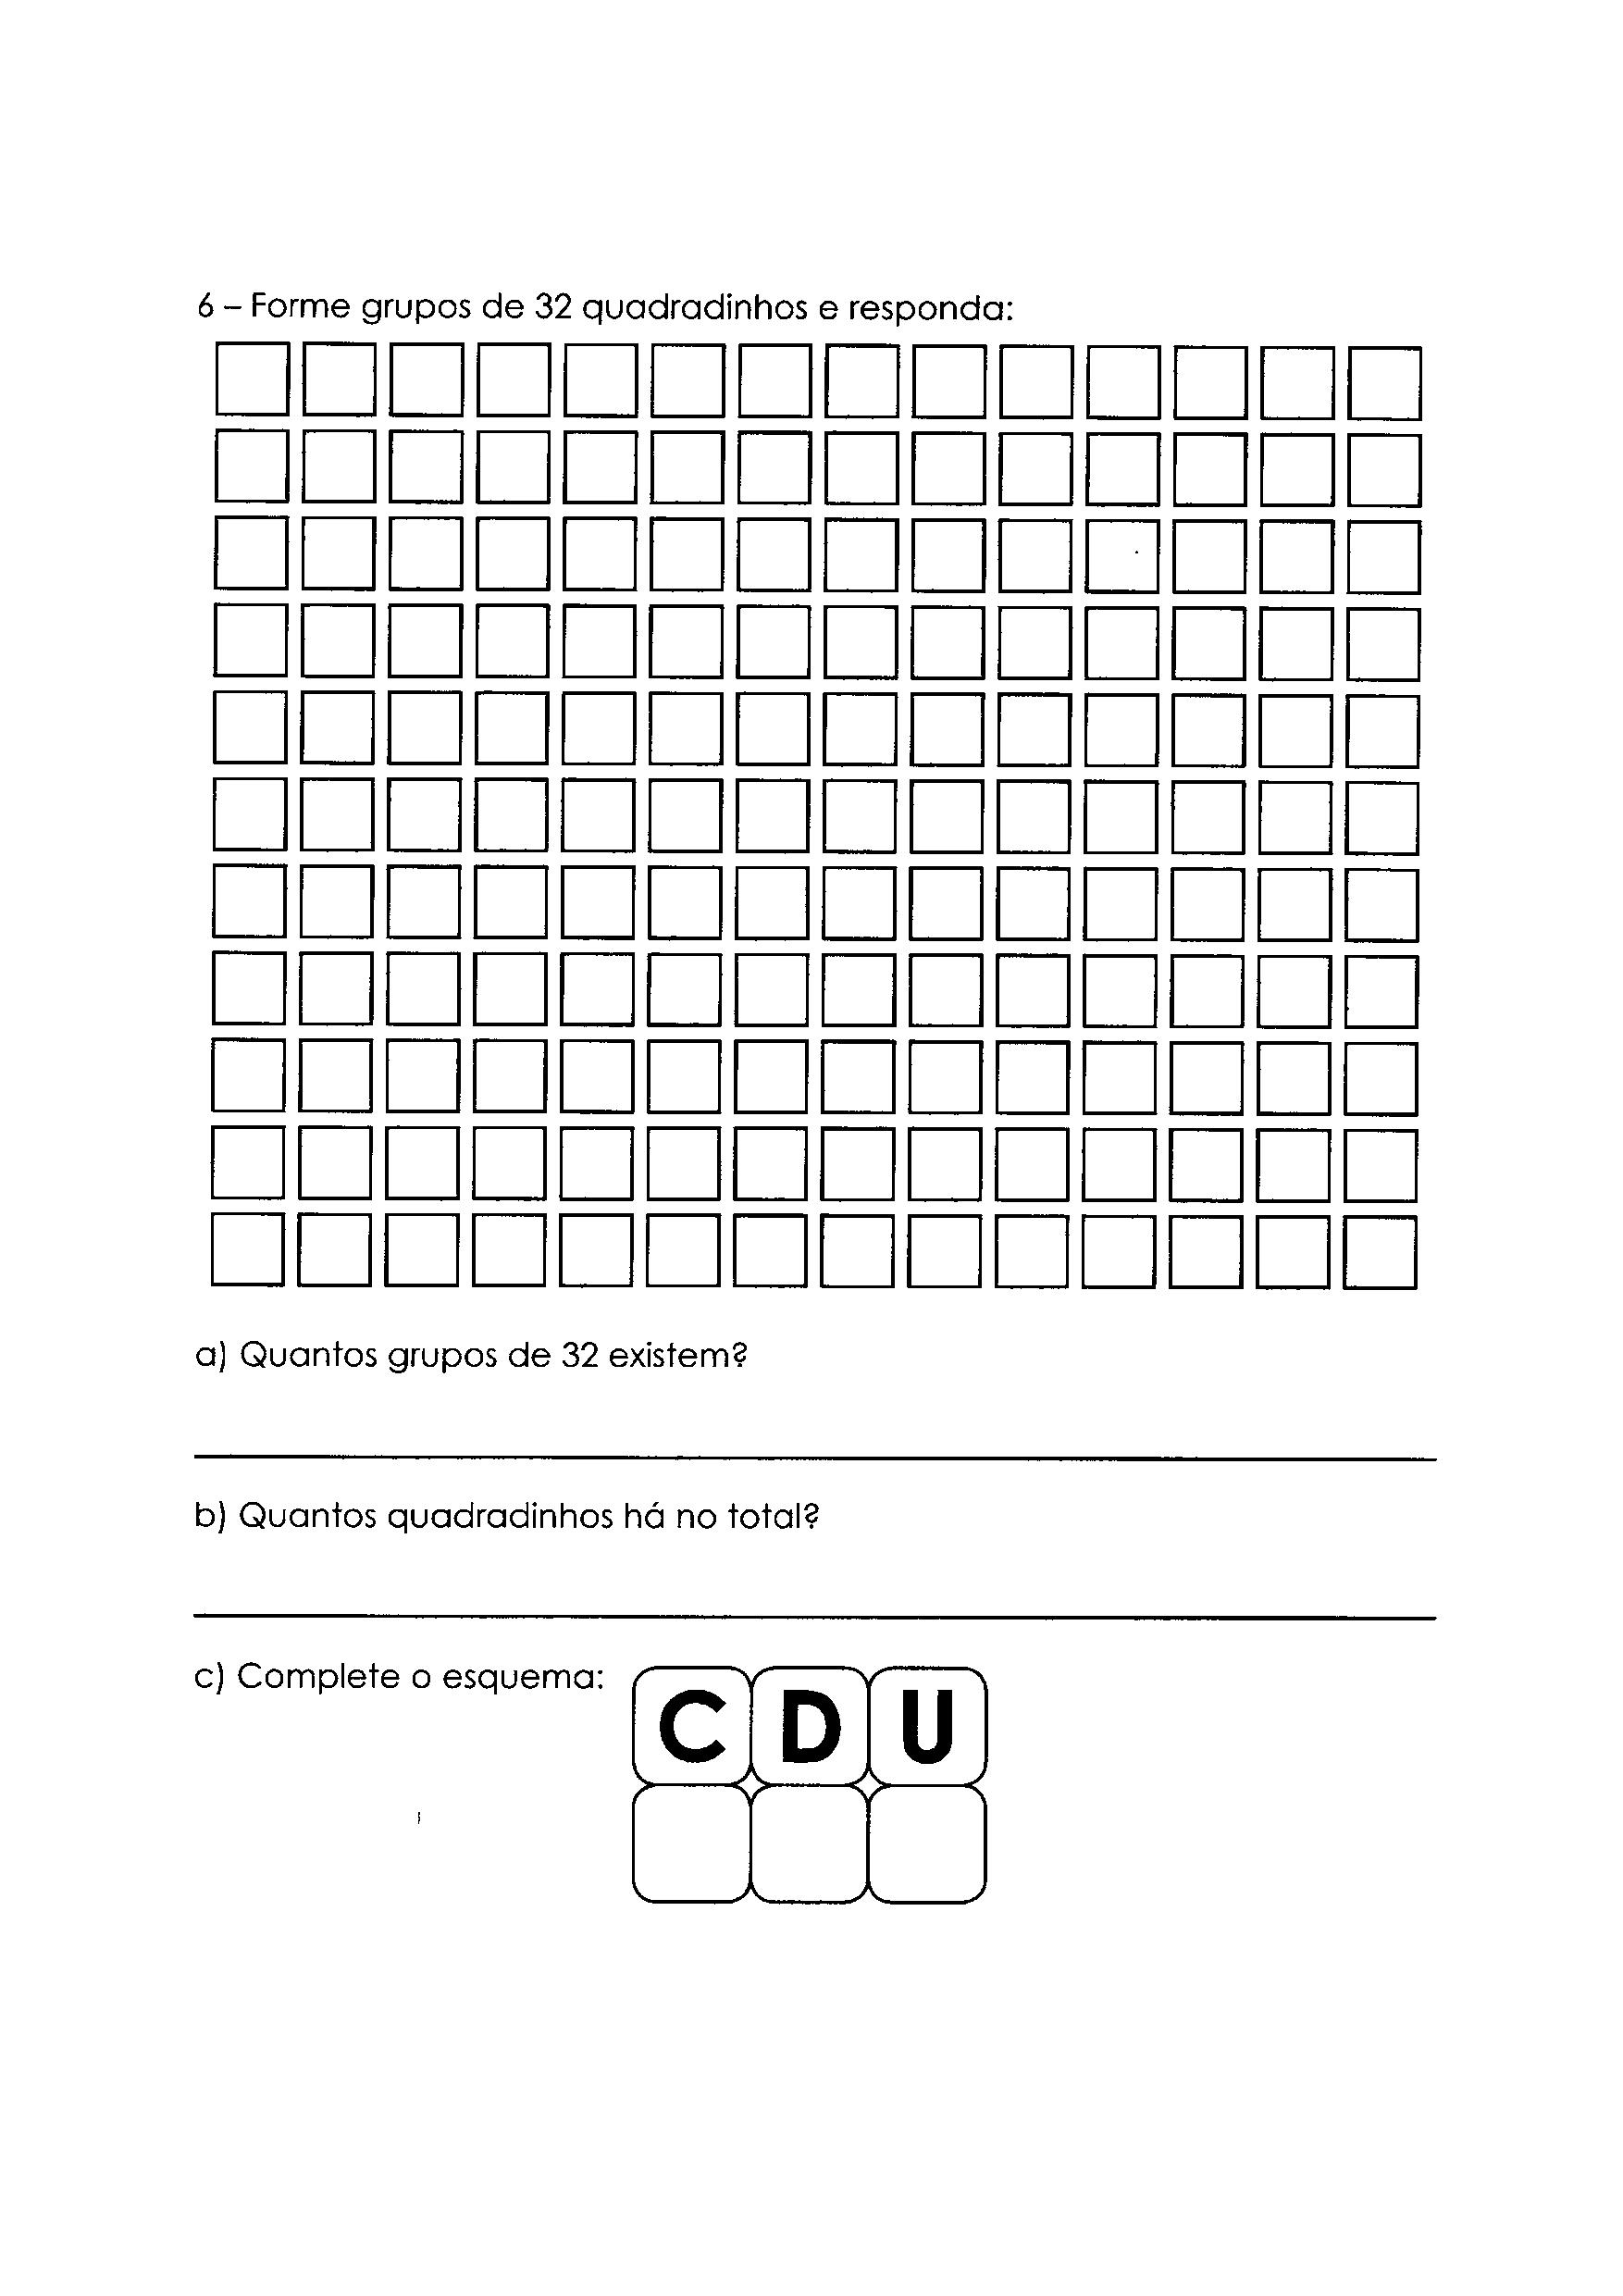 Atividade de agrupar de 32 em 32